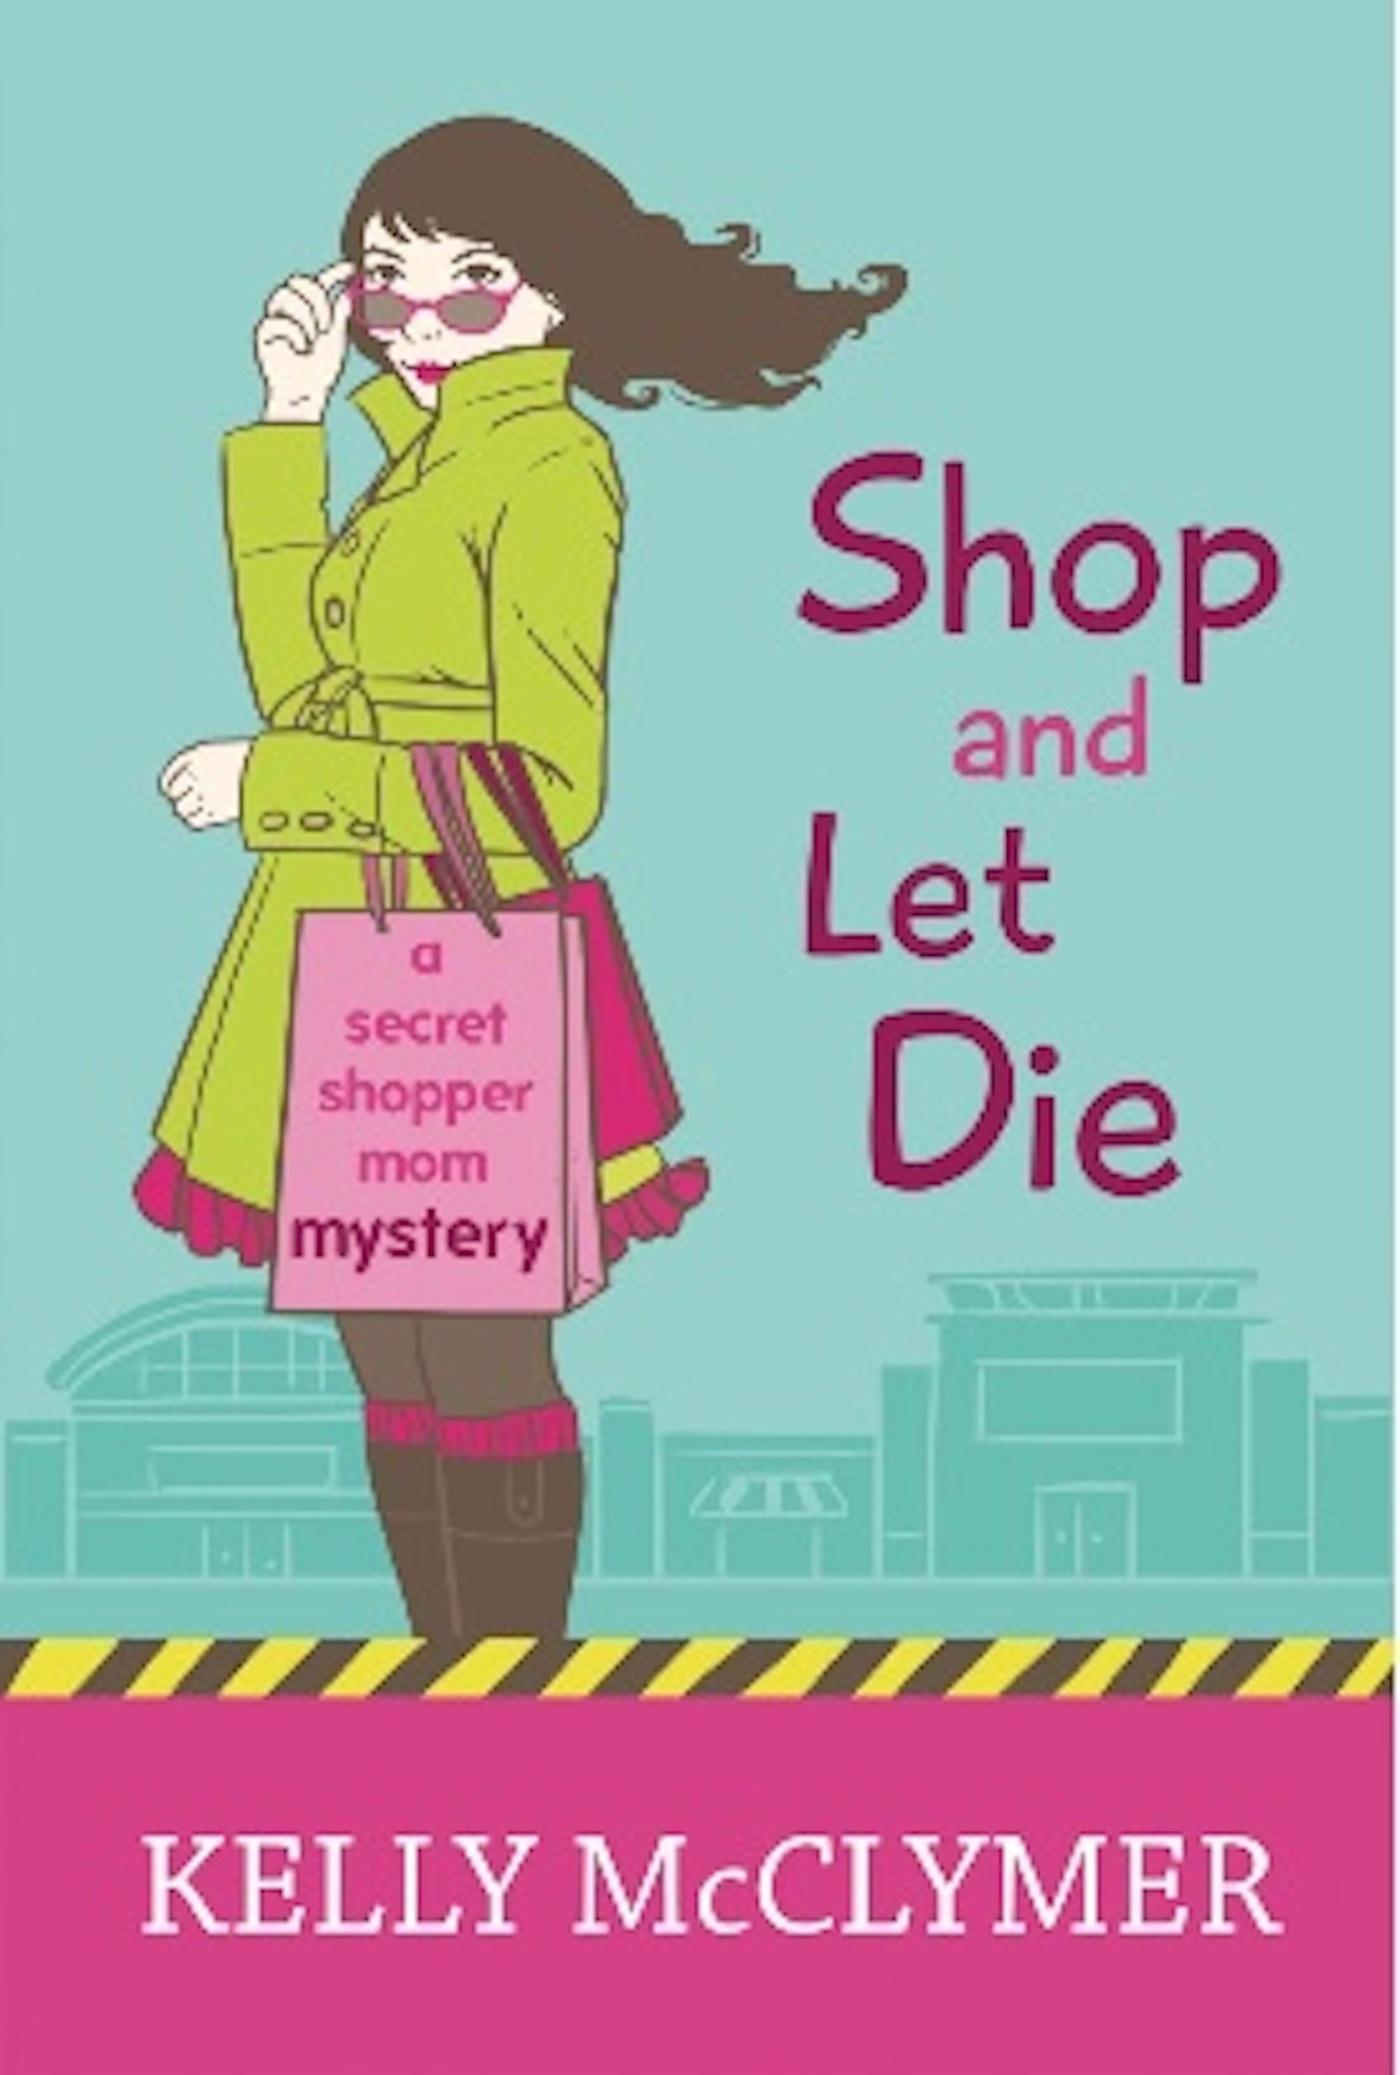 Shop and Let Die Kelly McClymer